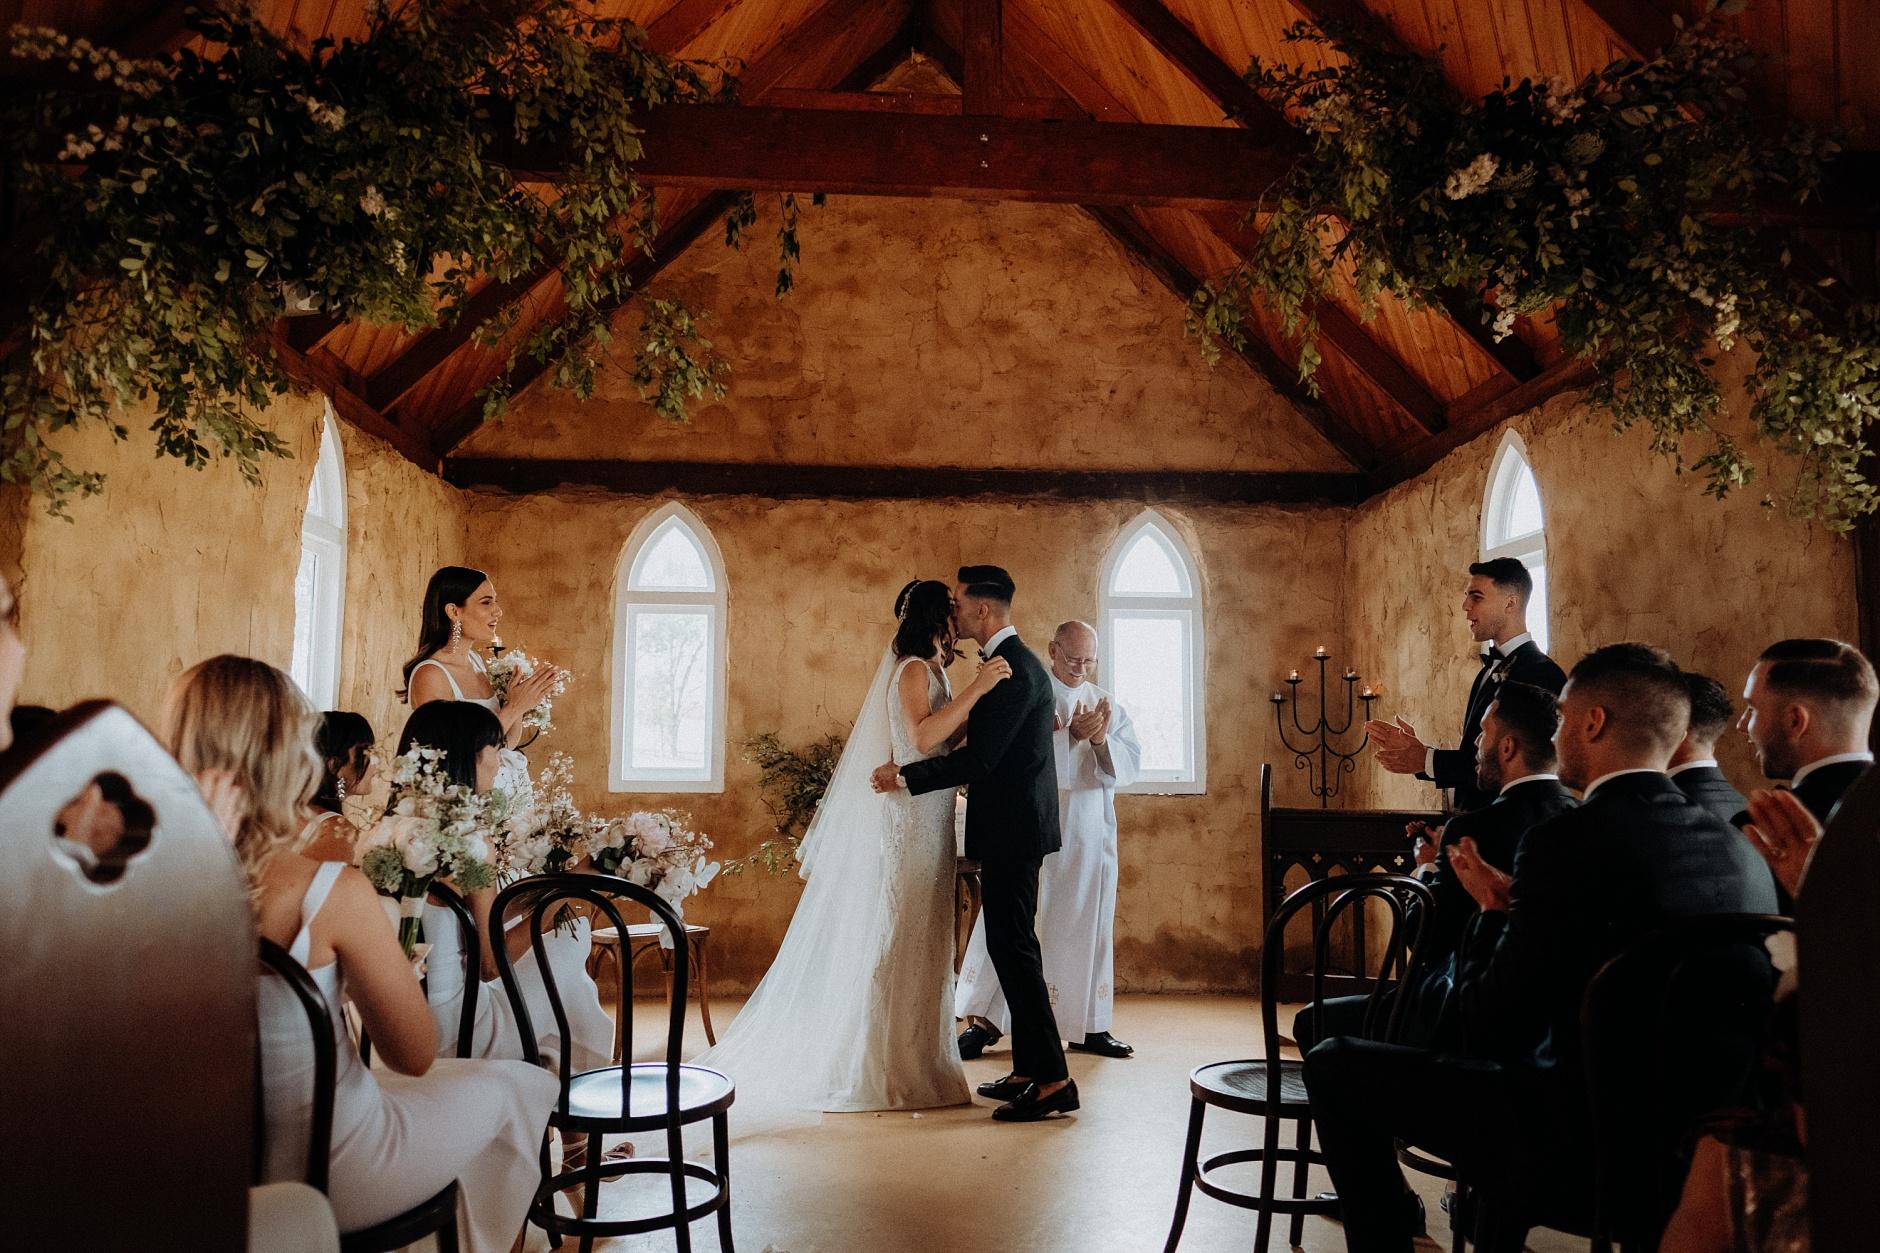 cassandra&cameron0446a_Peppers-Creek-Wedding.jpg